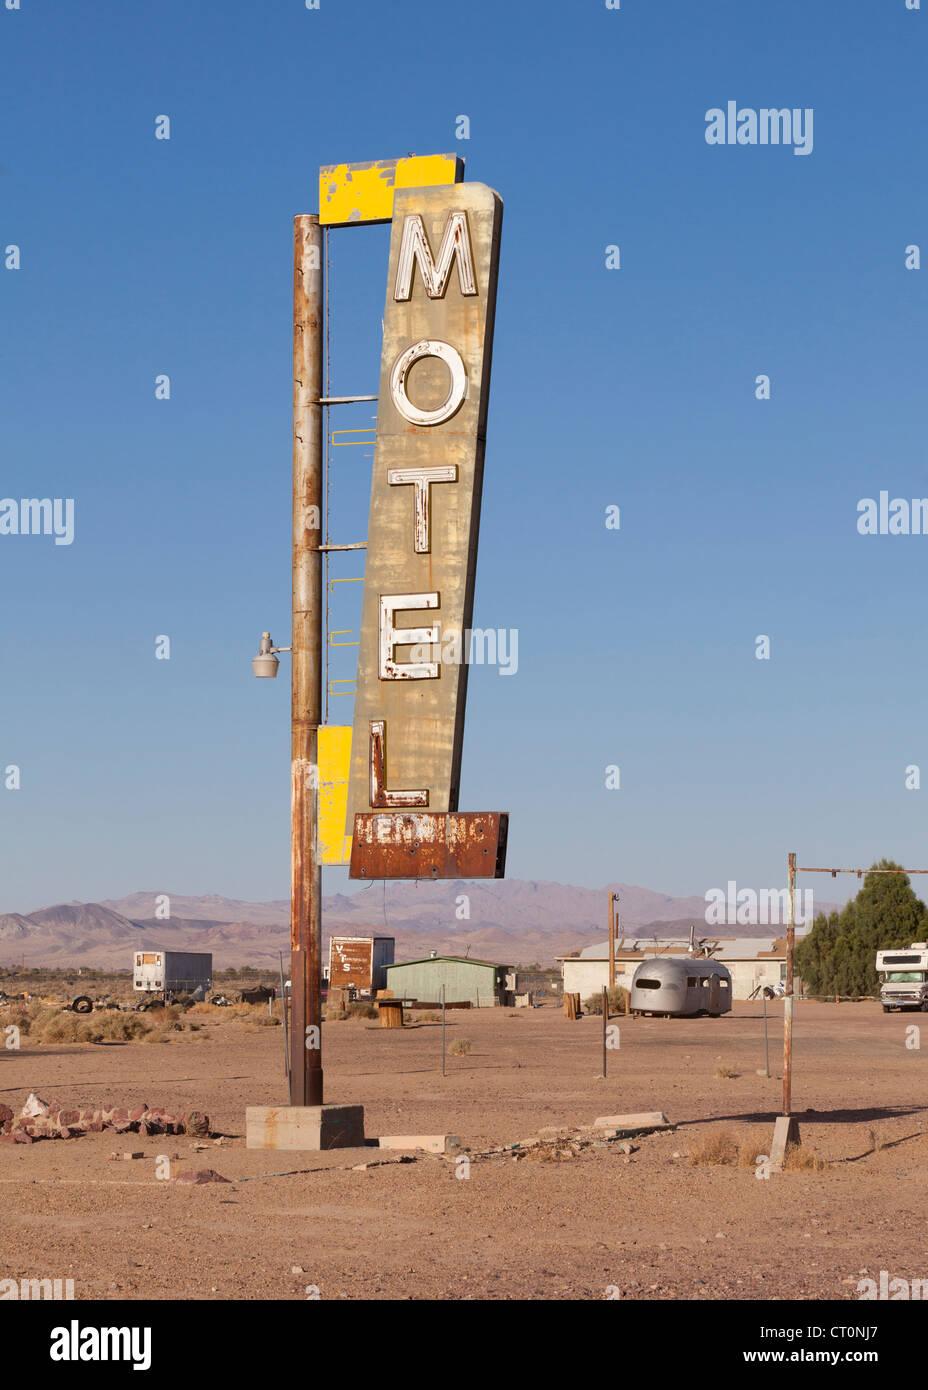 Old motel sign - Arizona USA - Stock Image